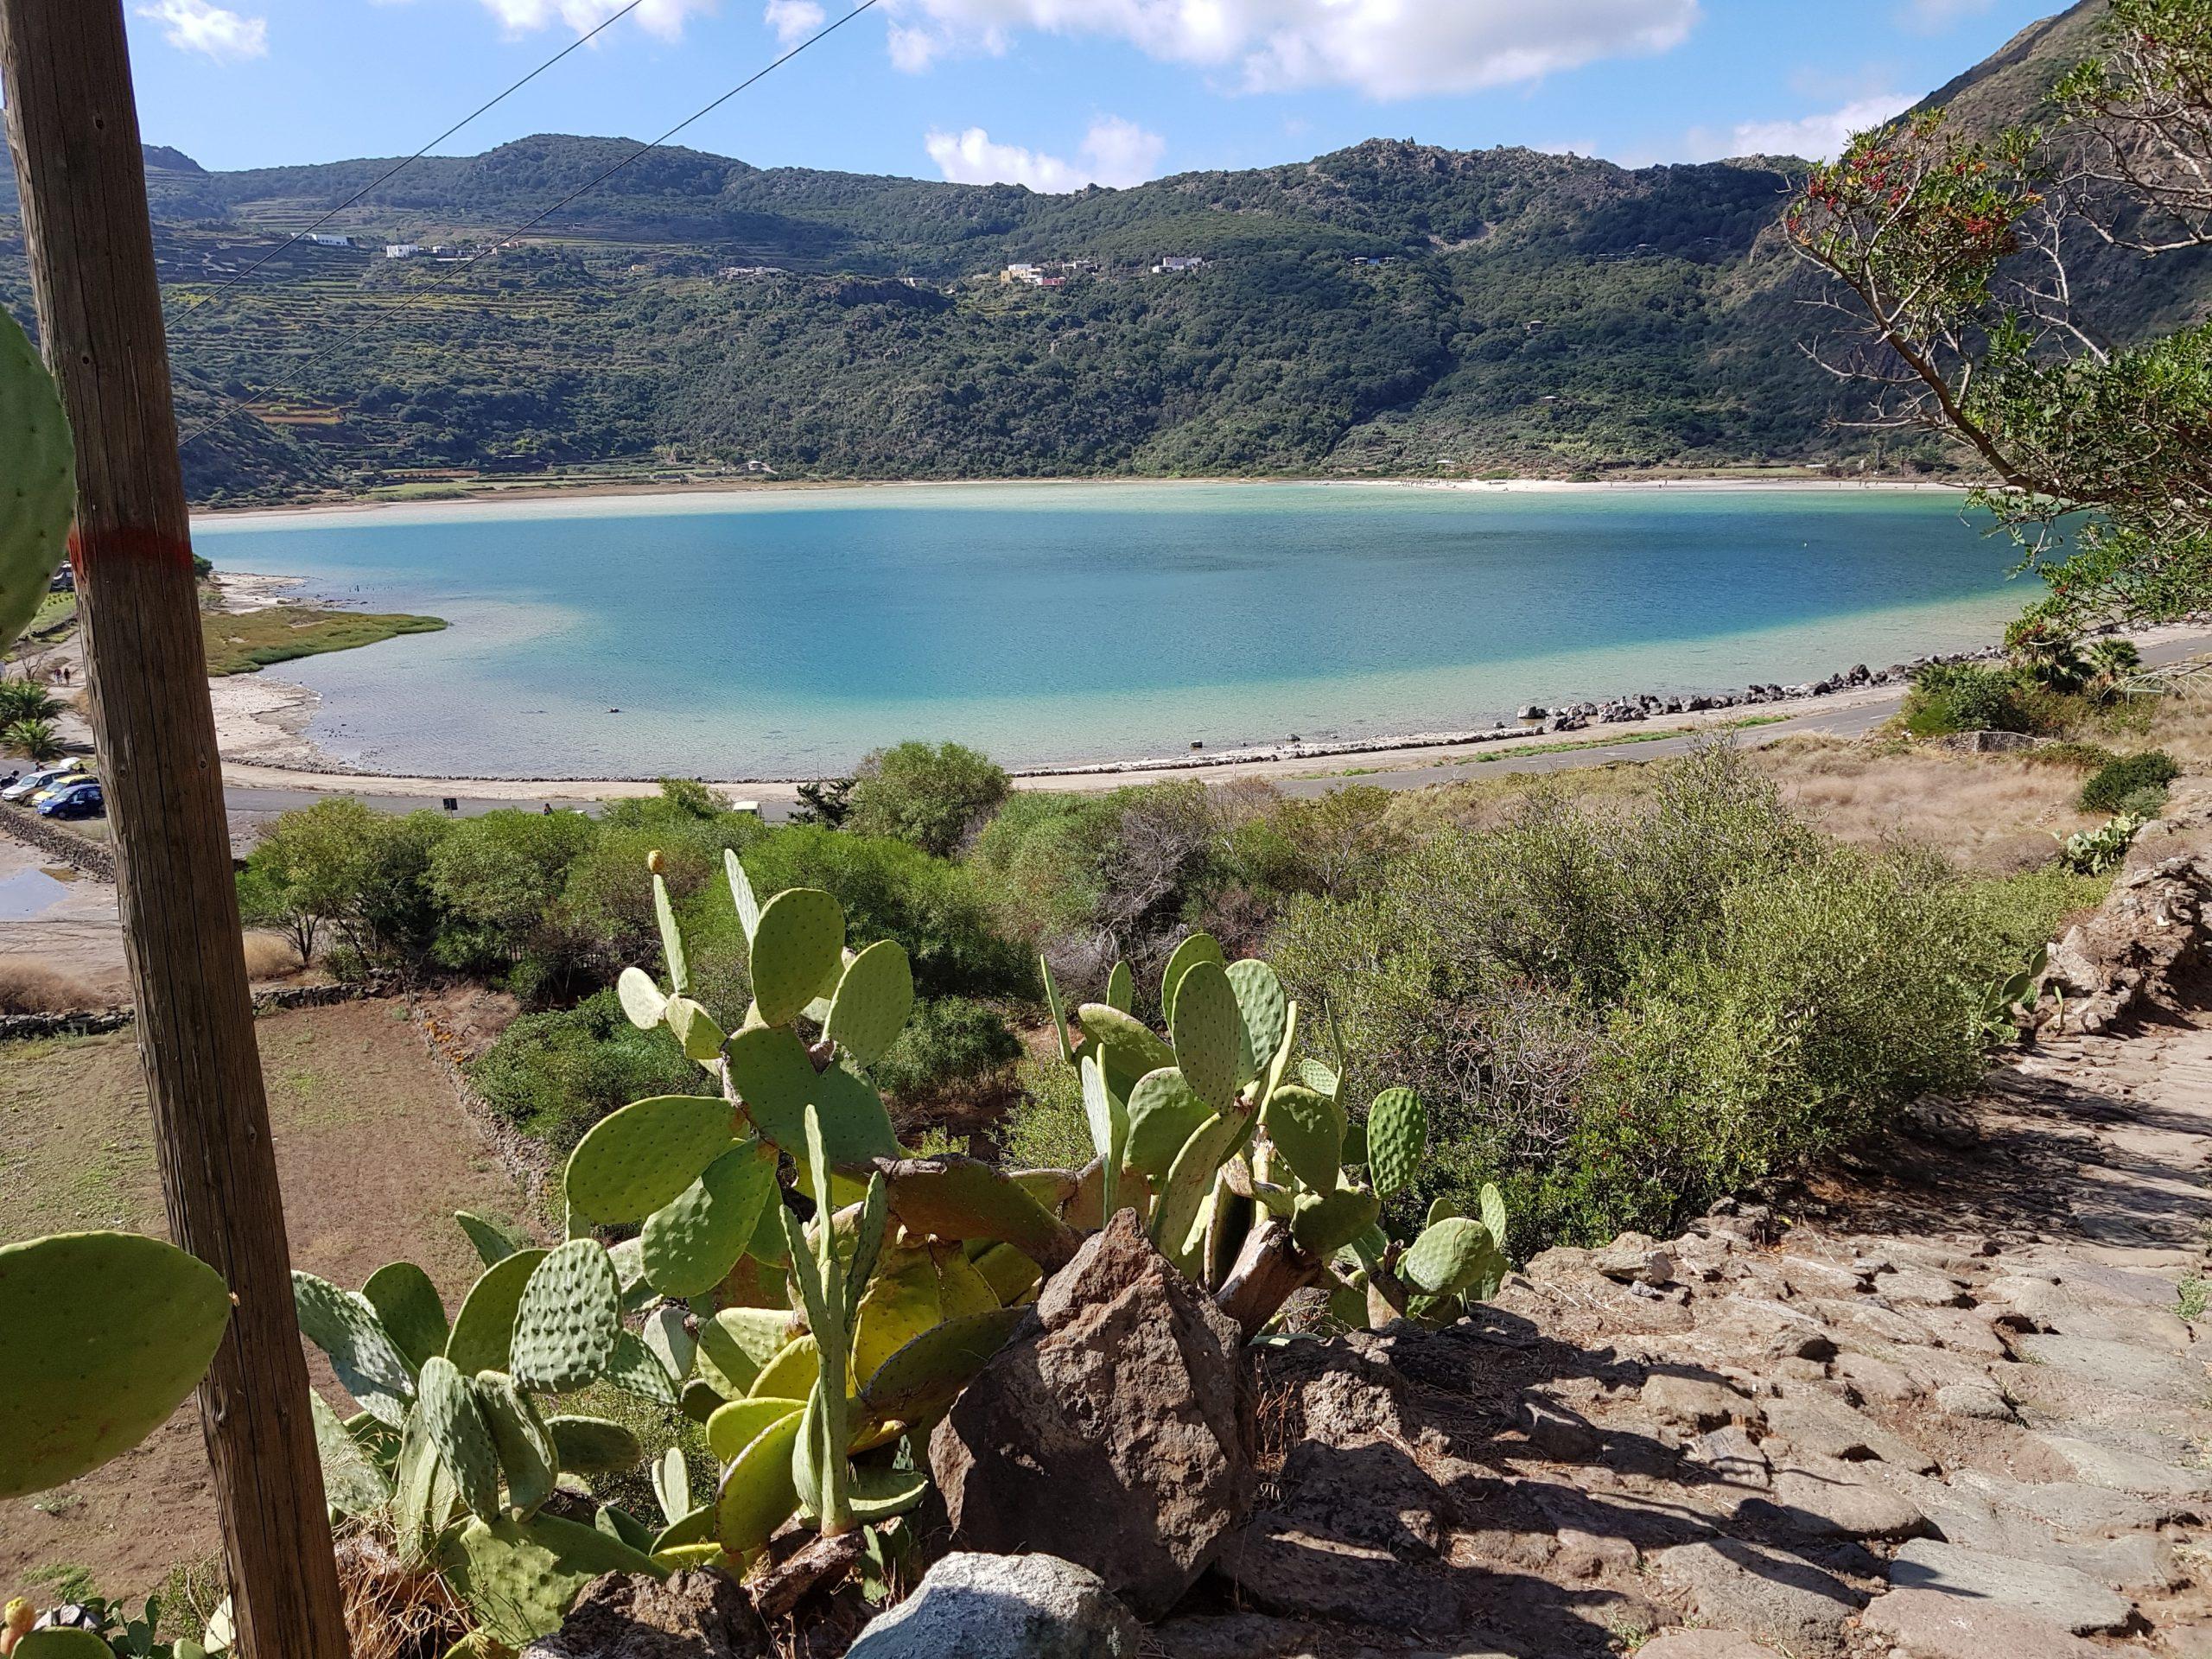 """pantelleria scaled - """"PANTELLERIA DA SCOPRIRE""""  Alla scoperta della perla nera del Mediterraneo  27 settembre - 4 ottobre 2020"""